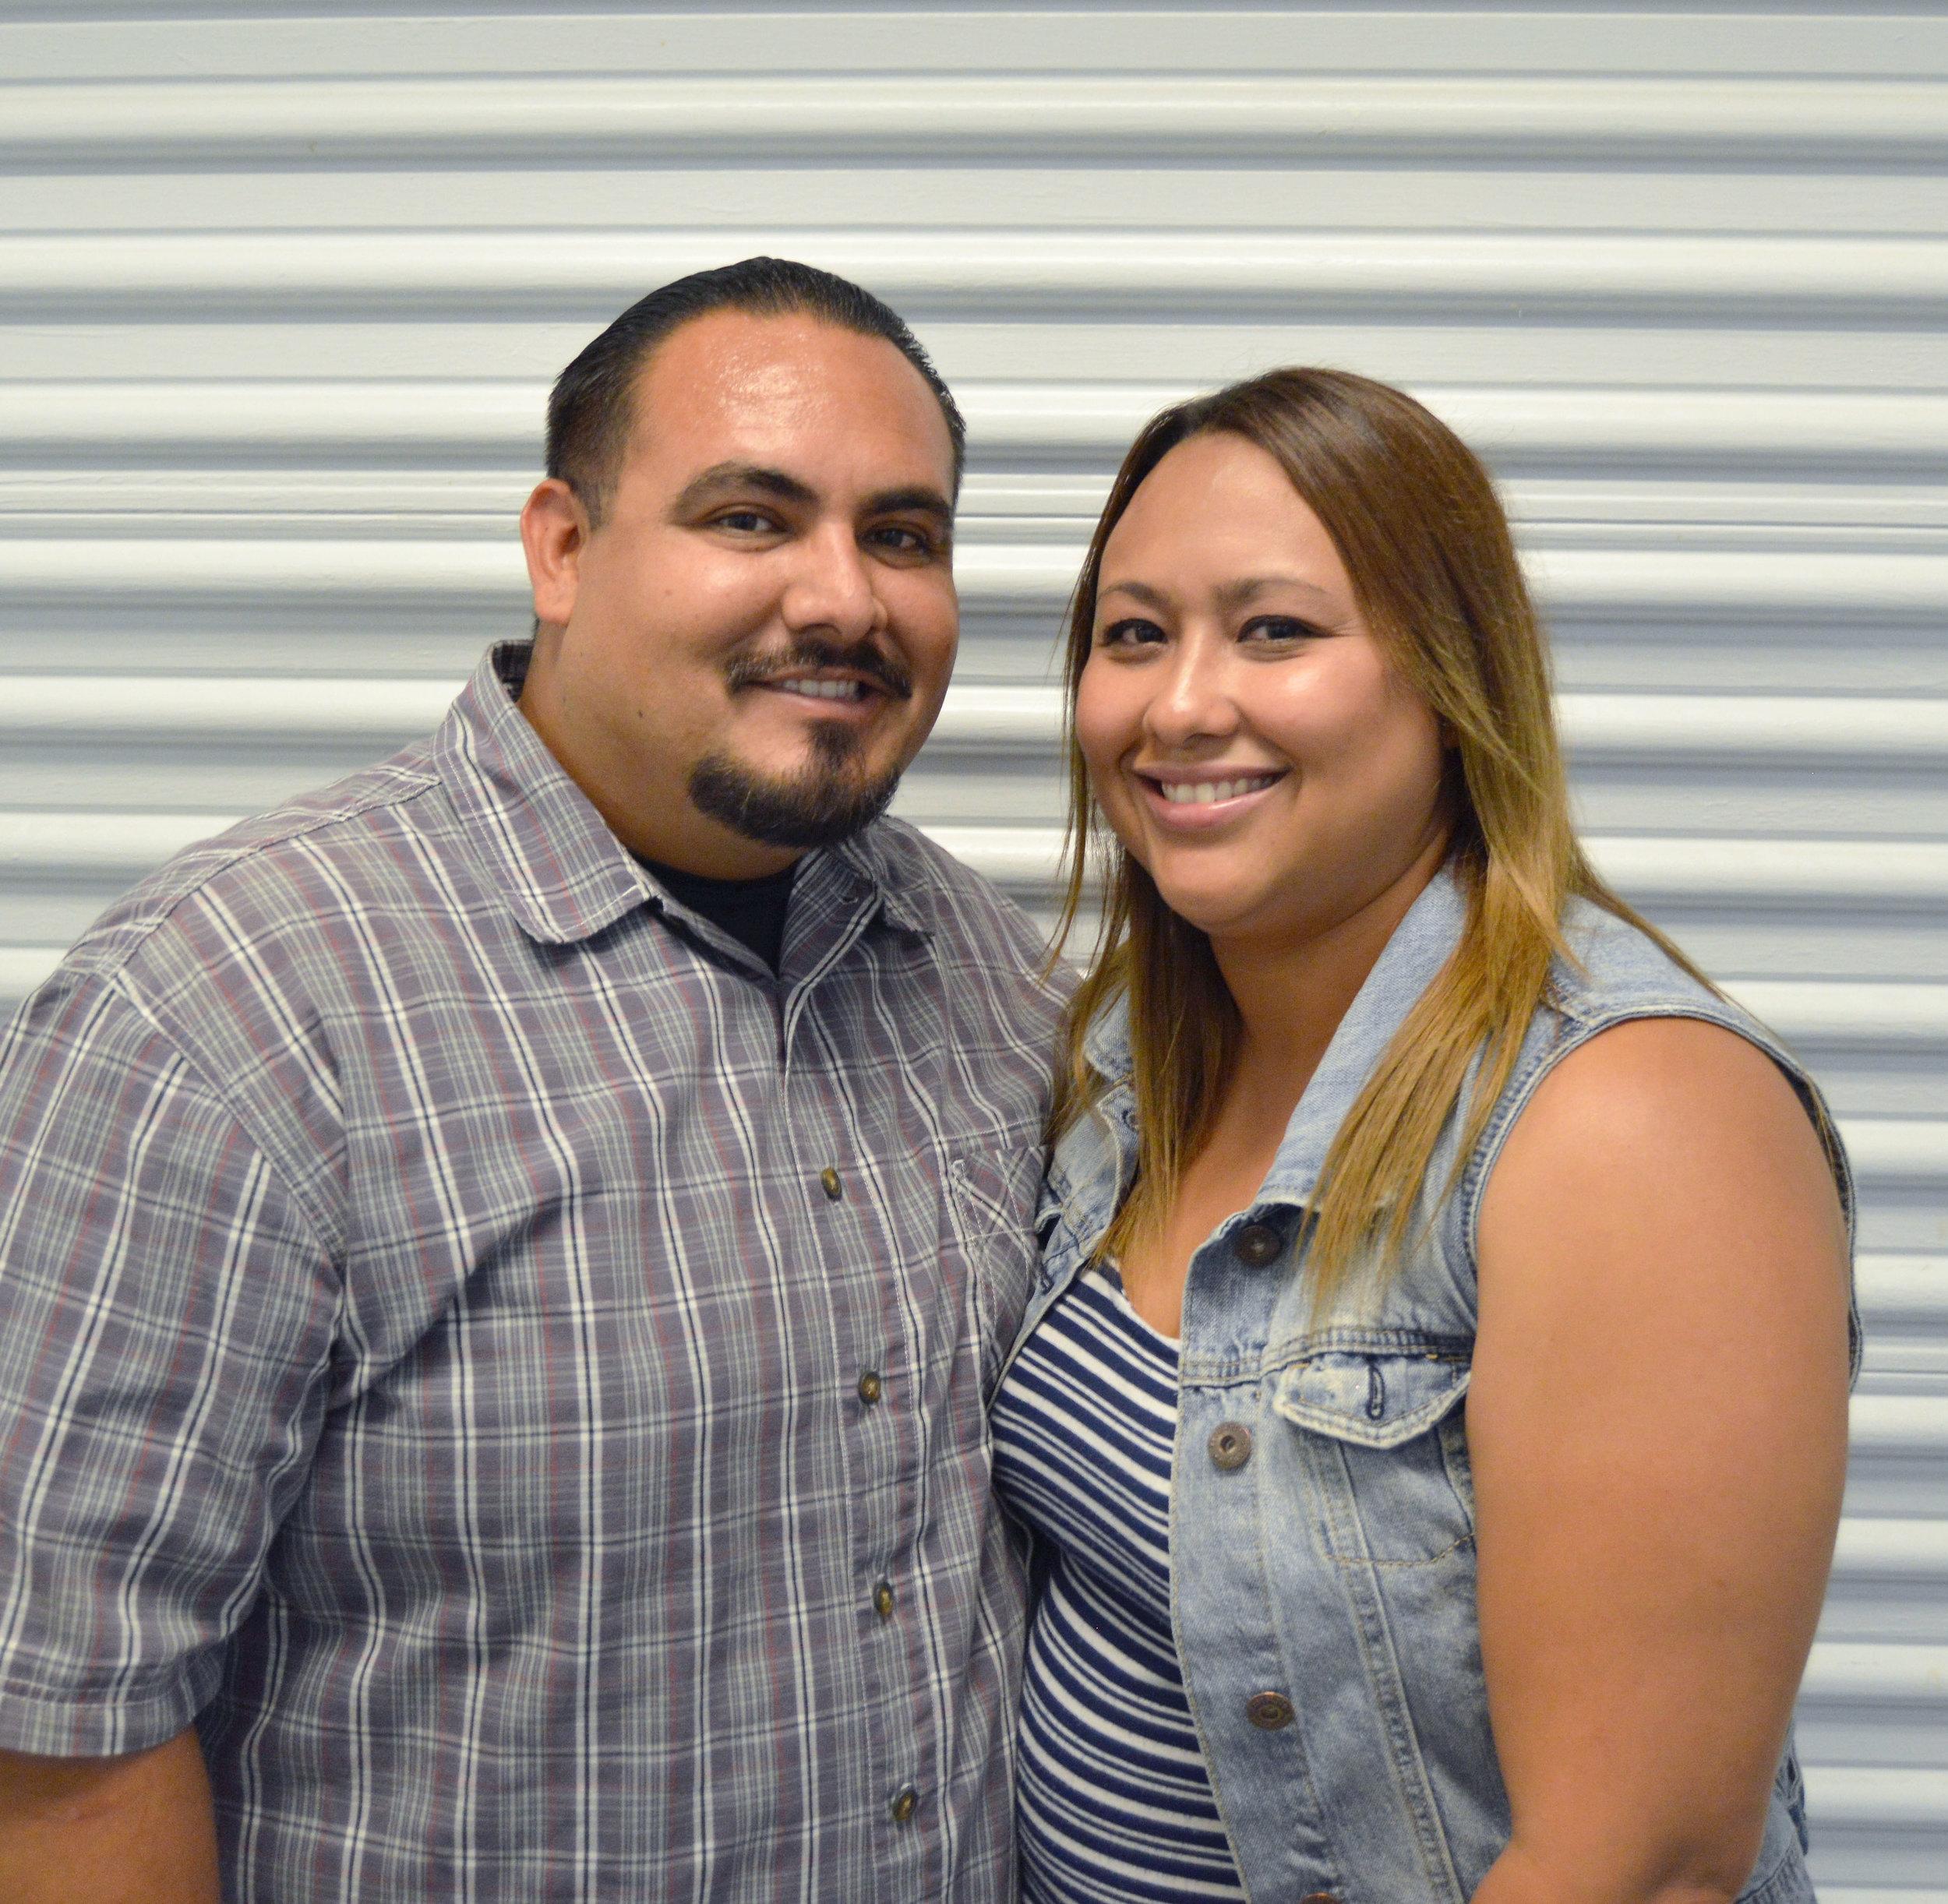 Ricky and Stephanie Portillo